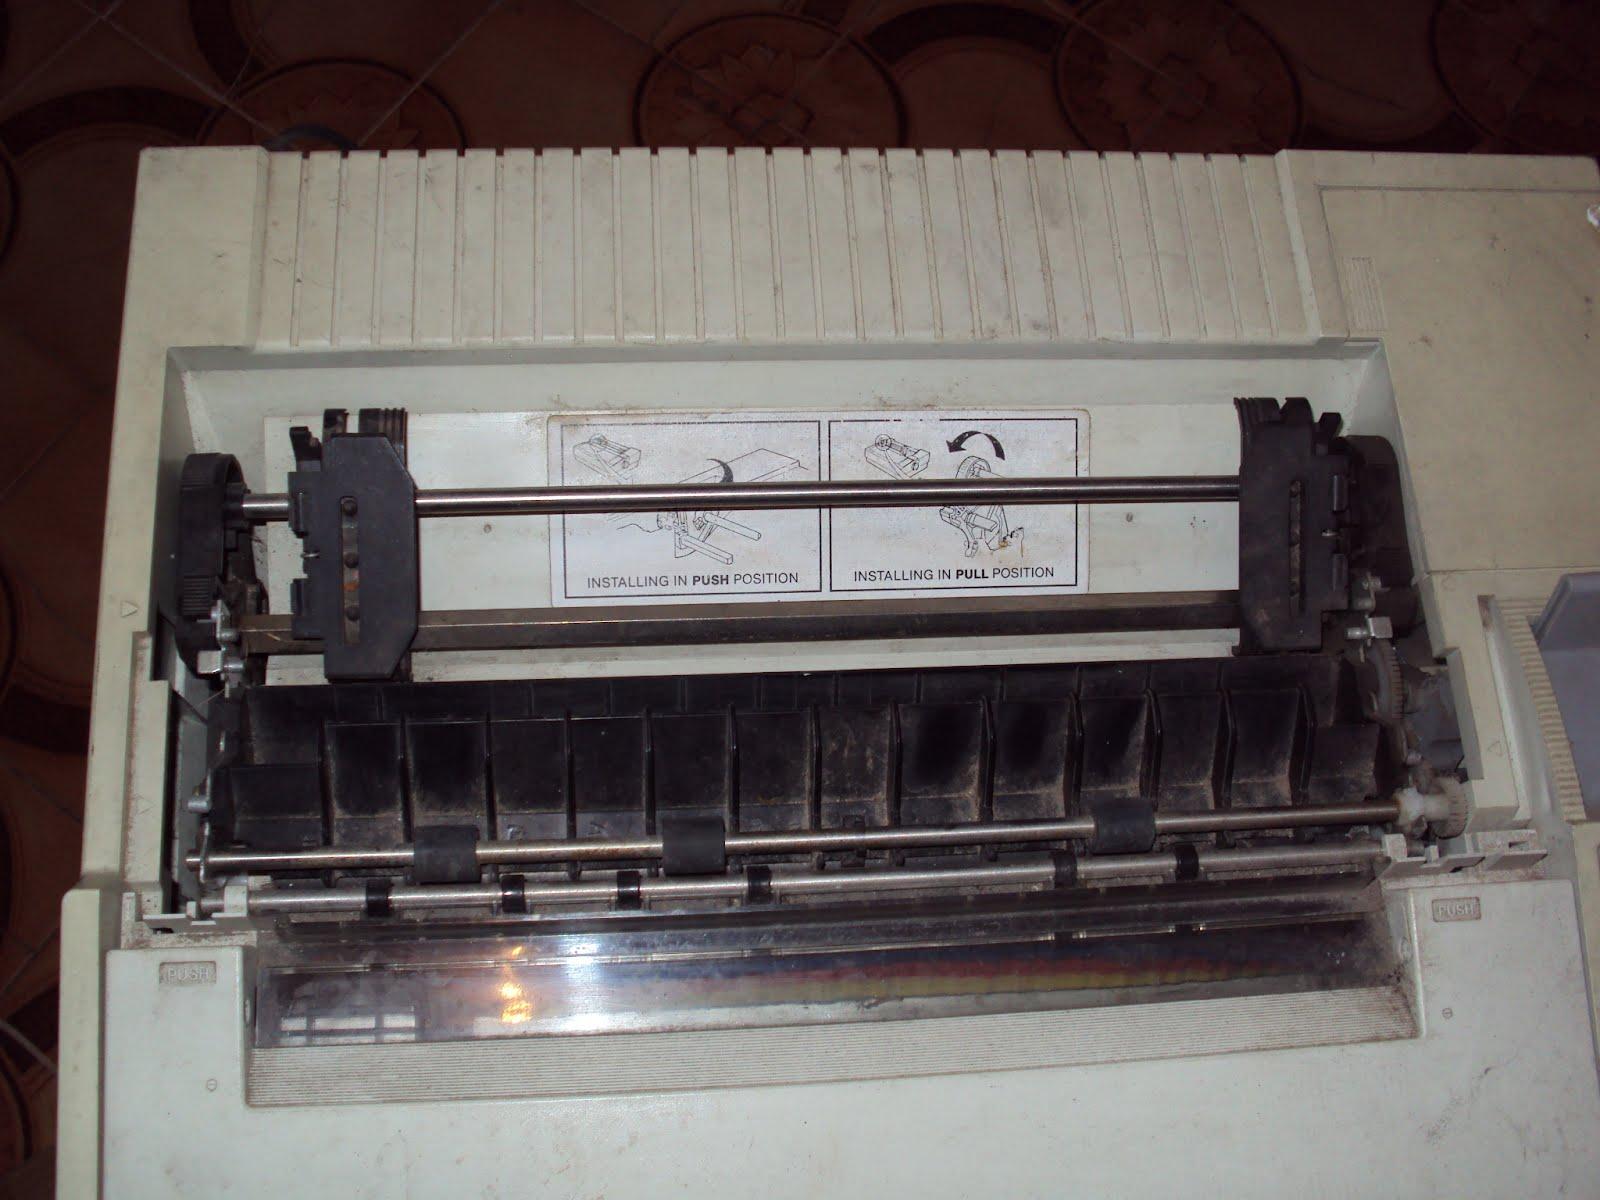 brinquedos%2C+impressoras+%2Cmedalha+e+vitrola+088.JPG (1600×1200)